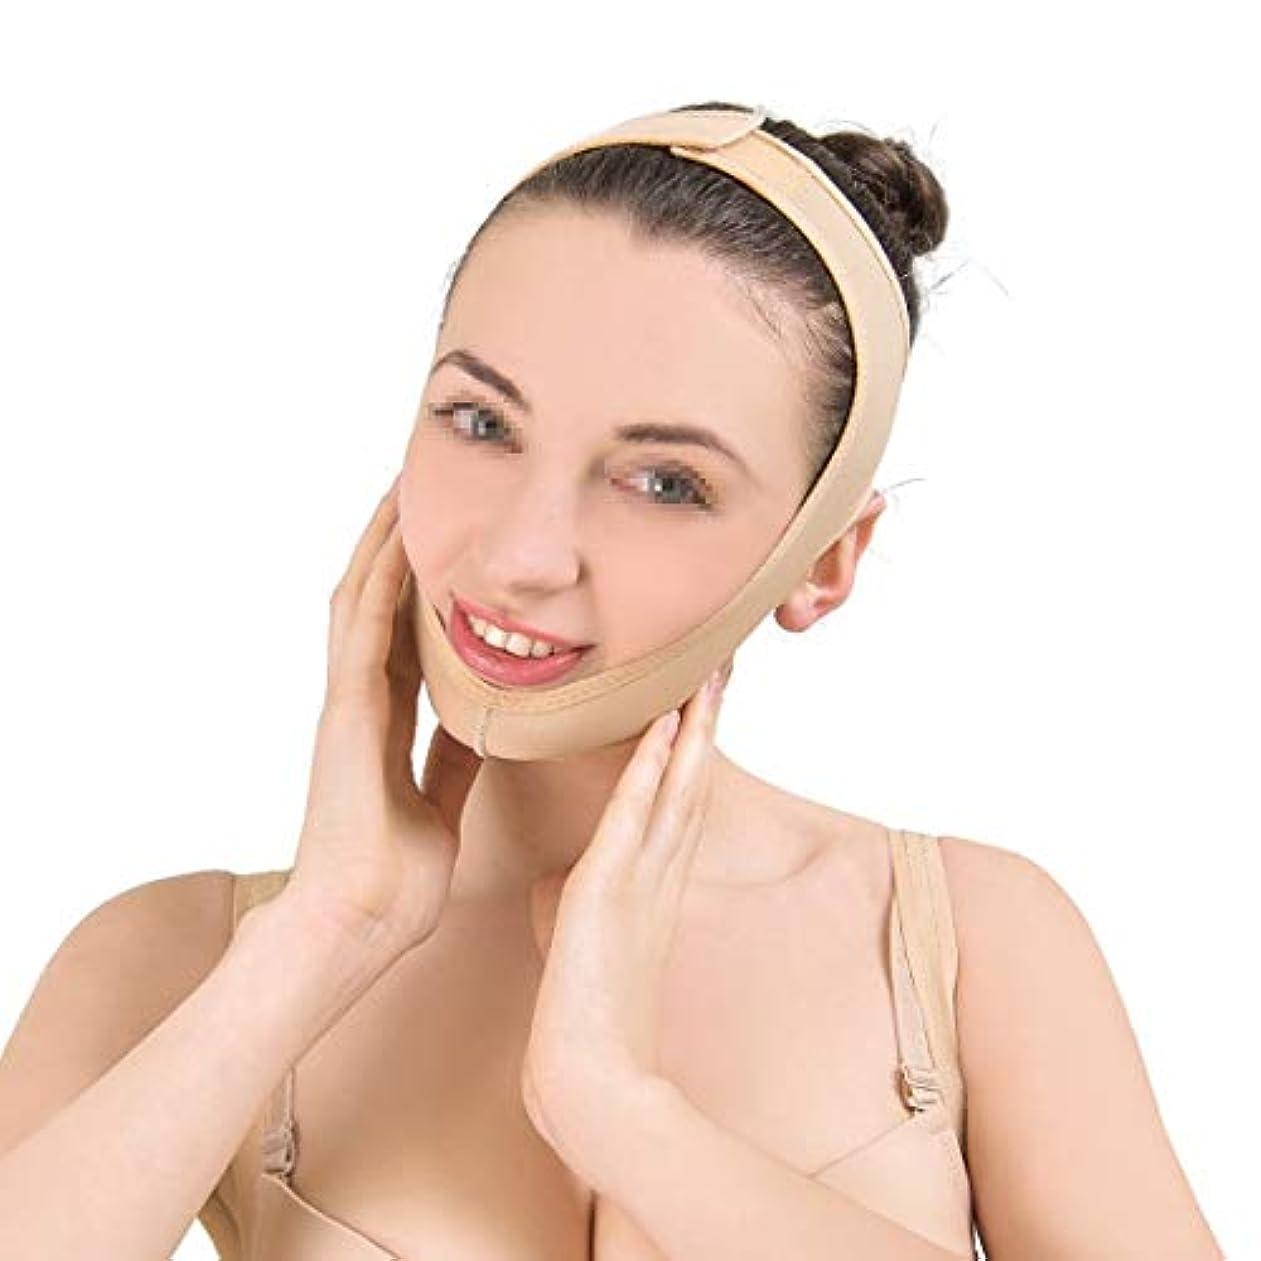 時代磁器実験をするZWBD フェイスマスク, フェイシャル痩身フェイシャルマスクリフティングベルトで肌の包帯を引き締め、Vフェイスライン包帯のダブルチンケア減量ベルトを強化 (Size : M)